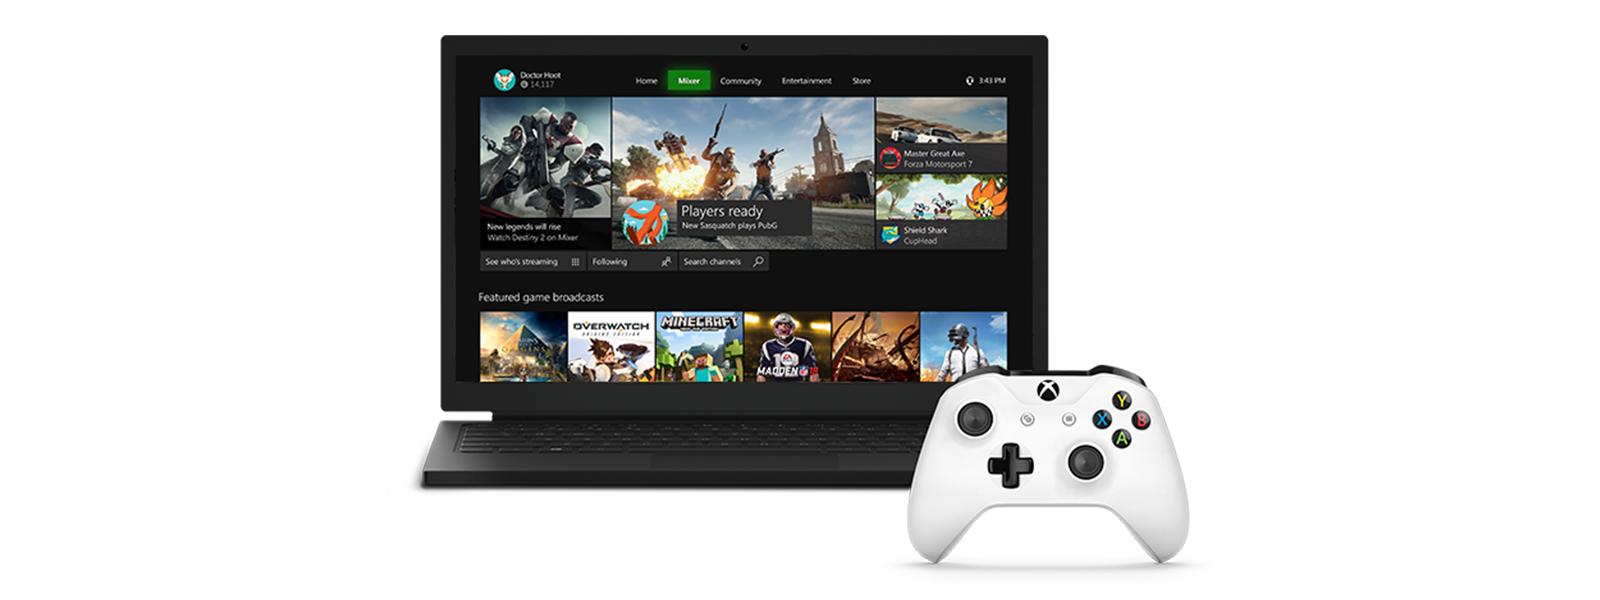 Nieuwe Mixer-interface voor gaming onder Windows 10